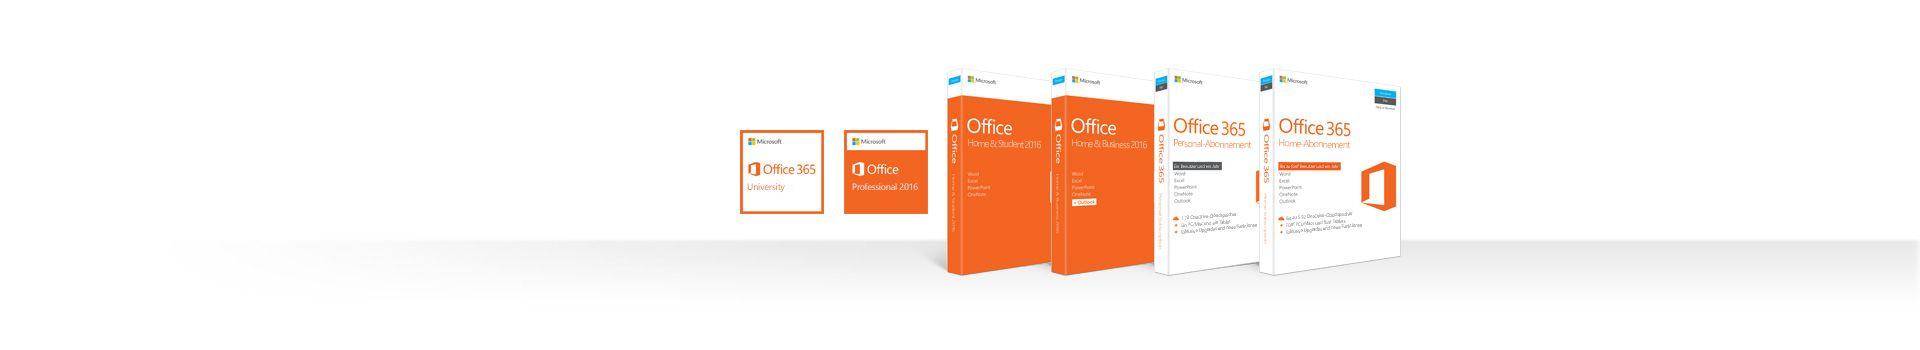 Aufgereihte Kartons mit Office 2016- und Office 365-Produkten für den PC